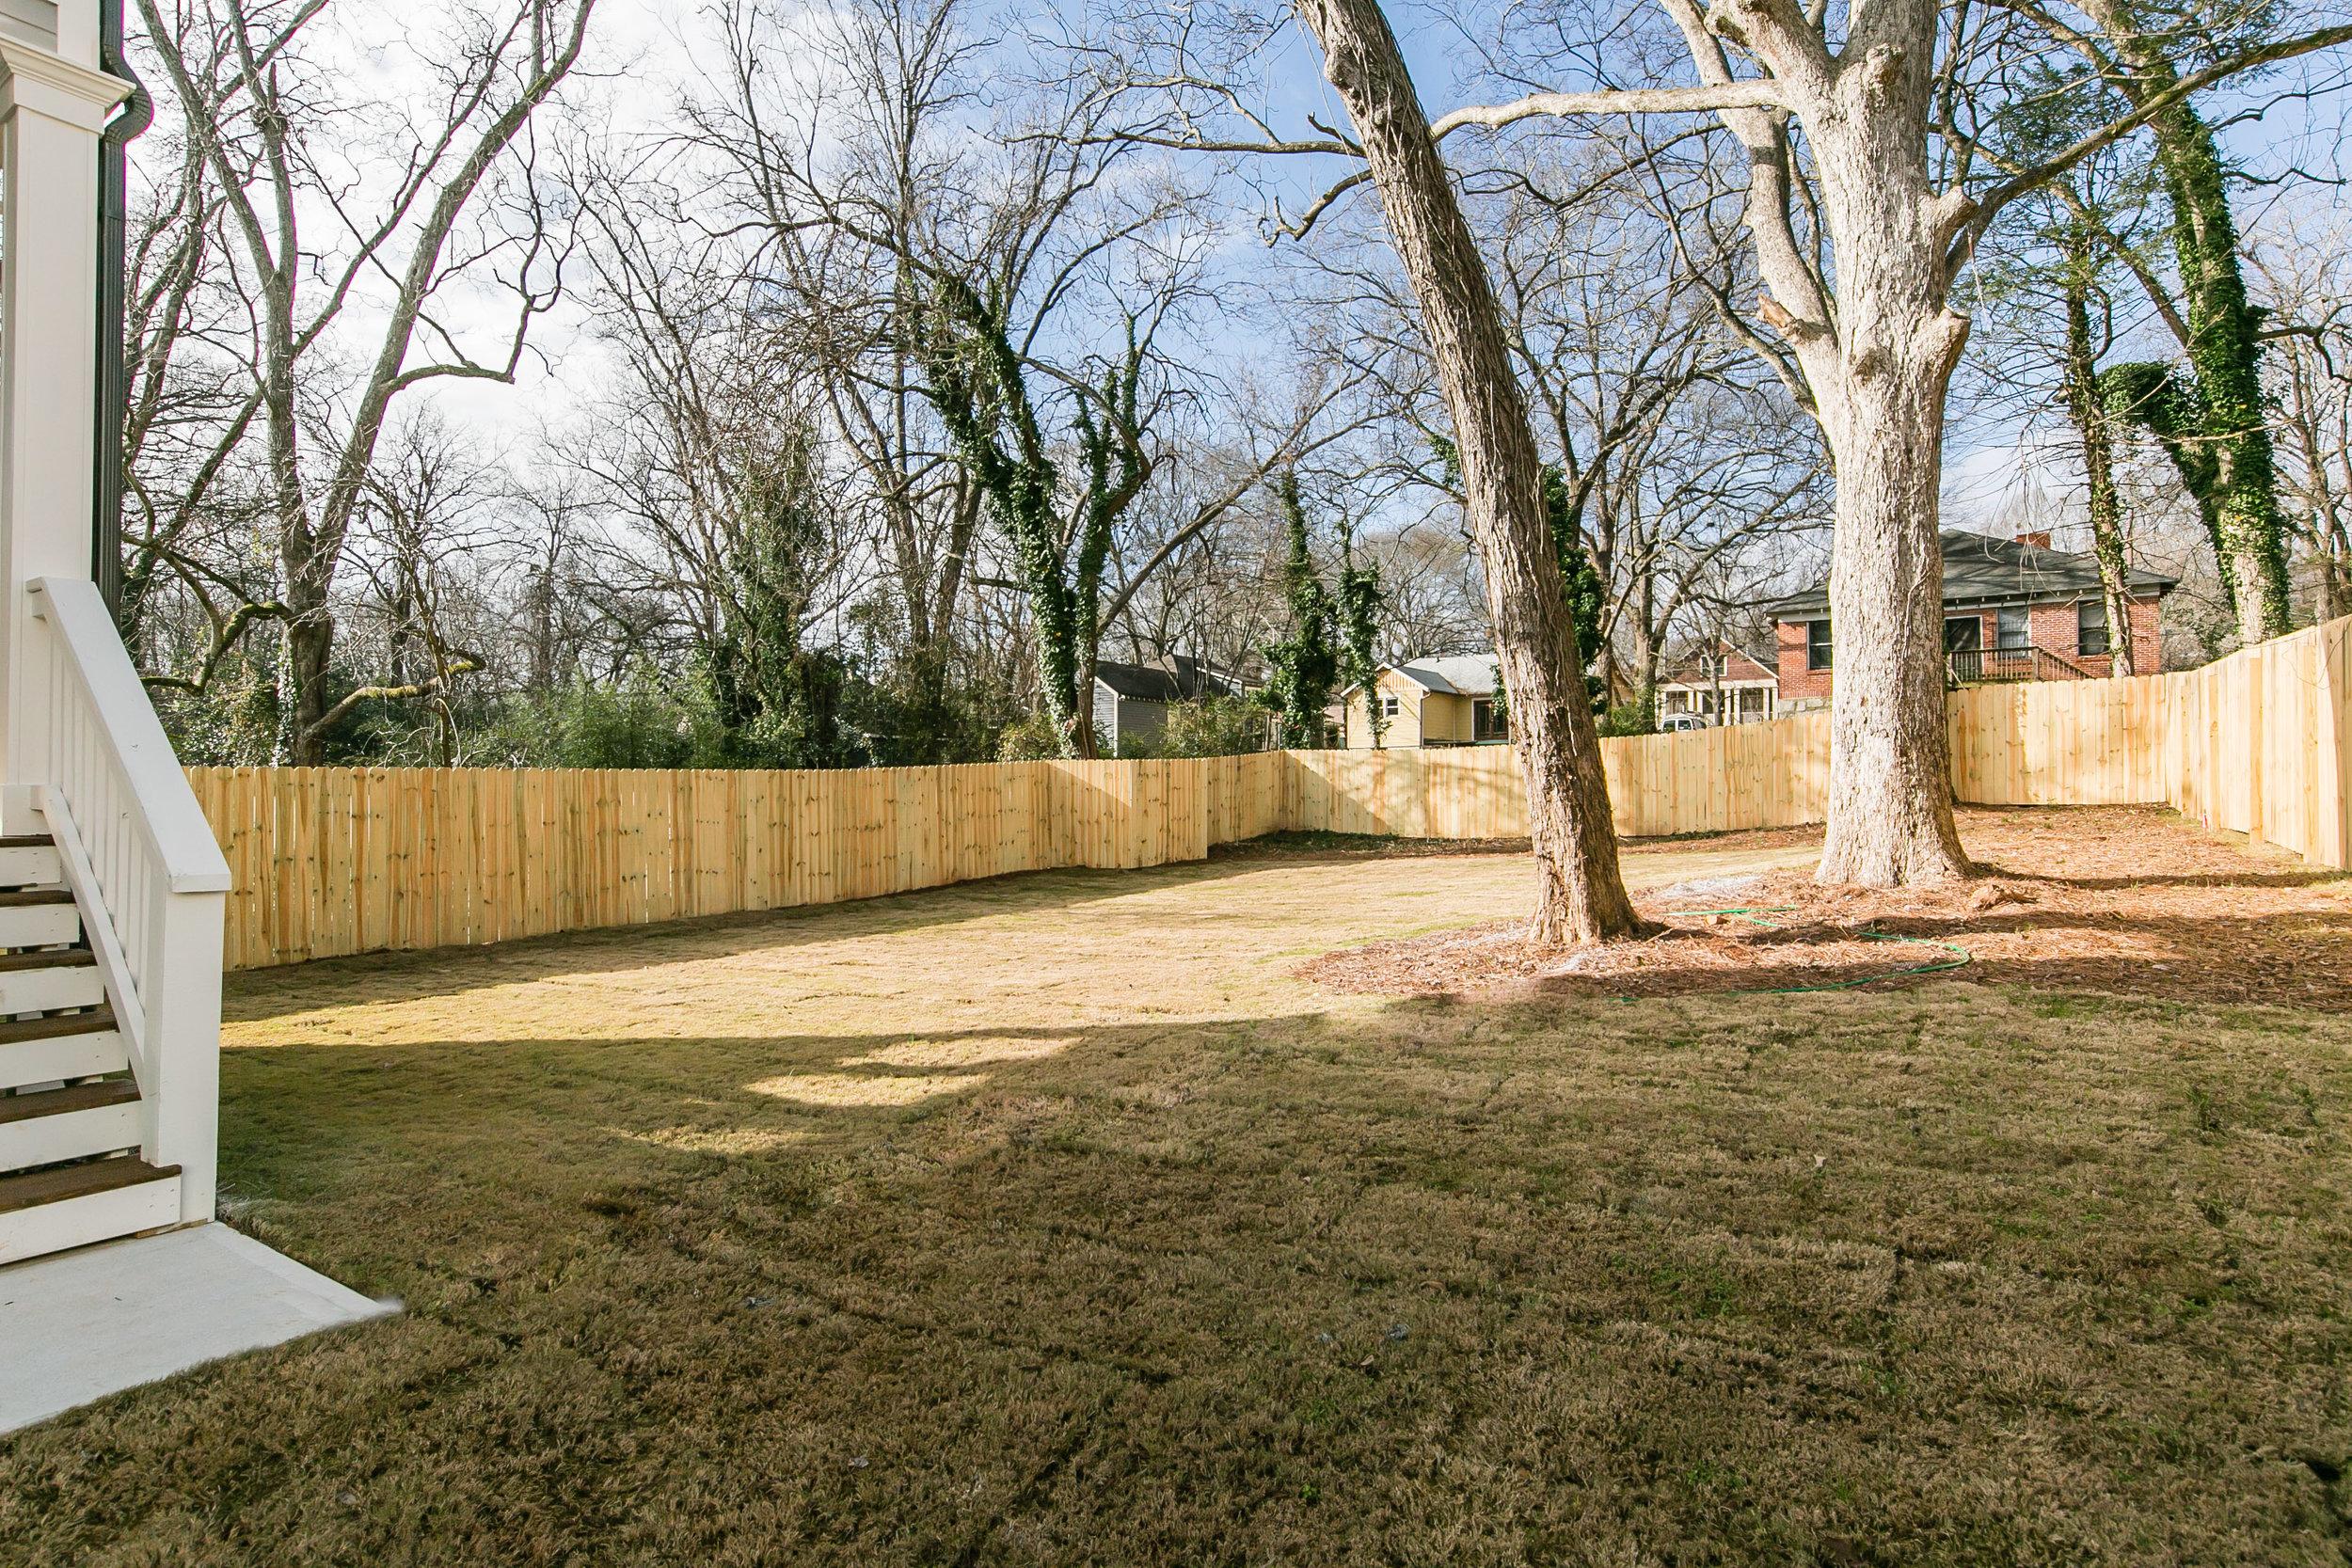 252 Rockyford-Backyard 2.jpg